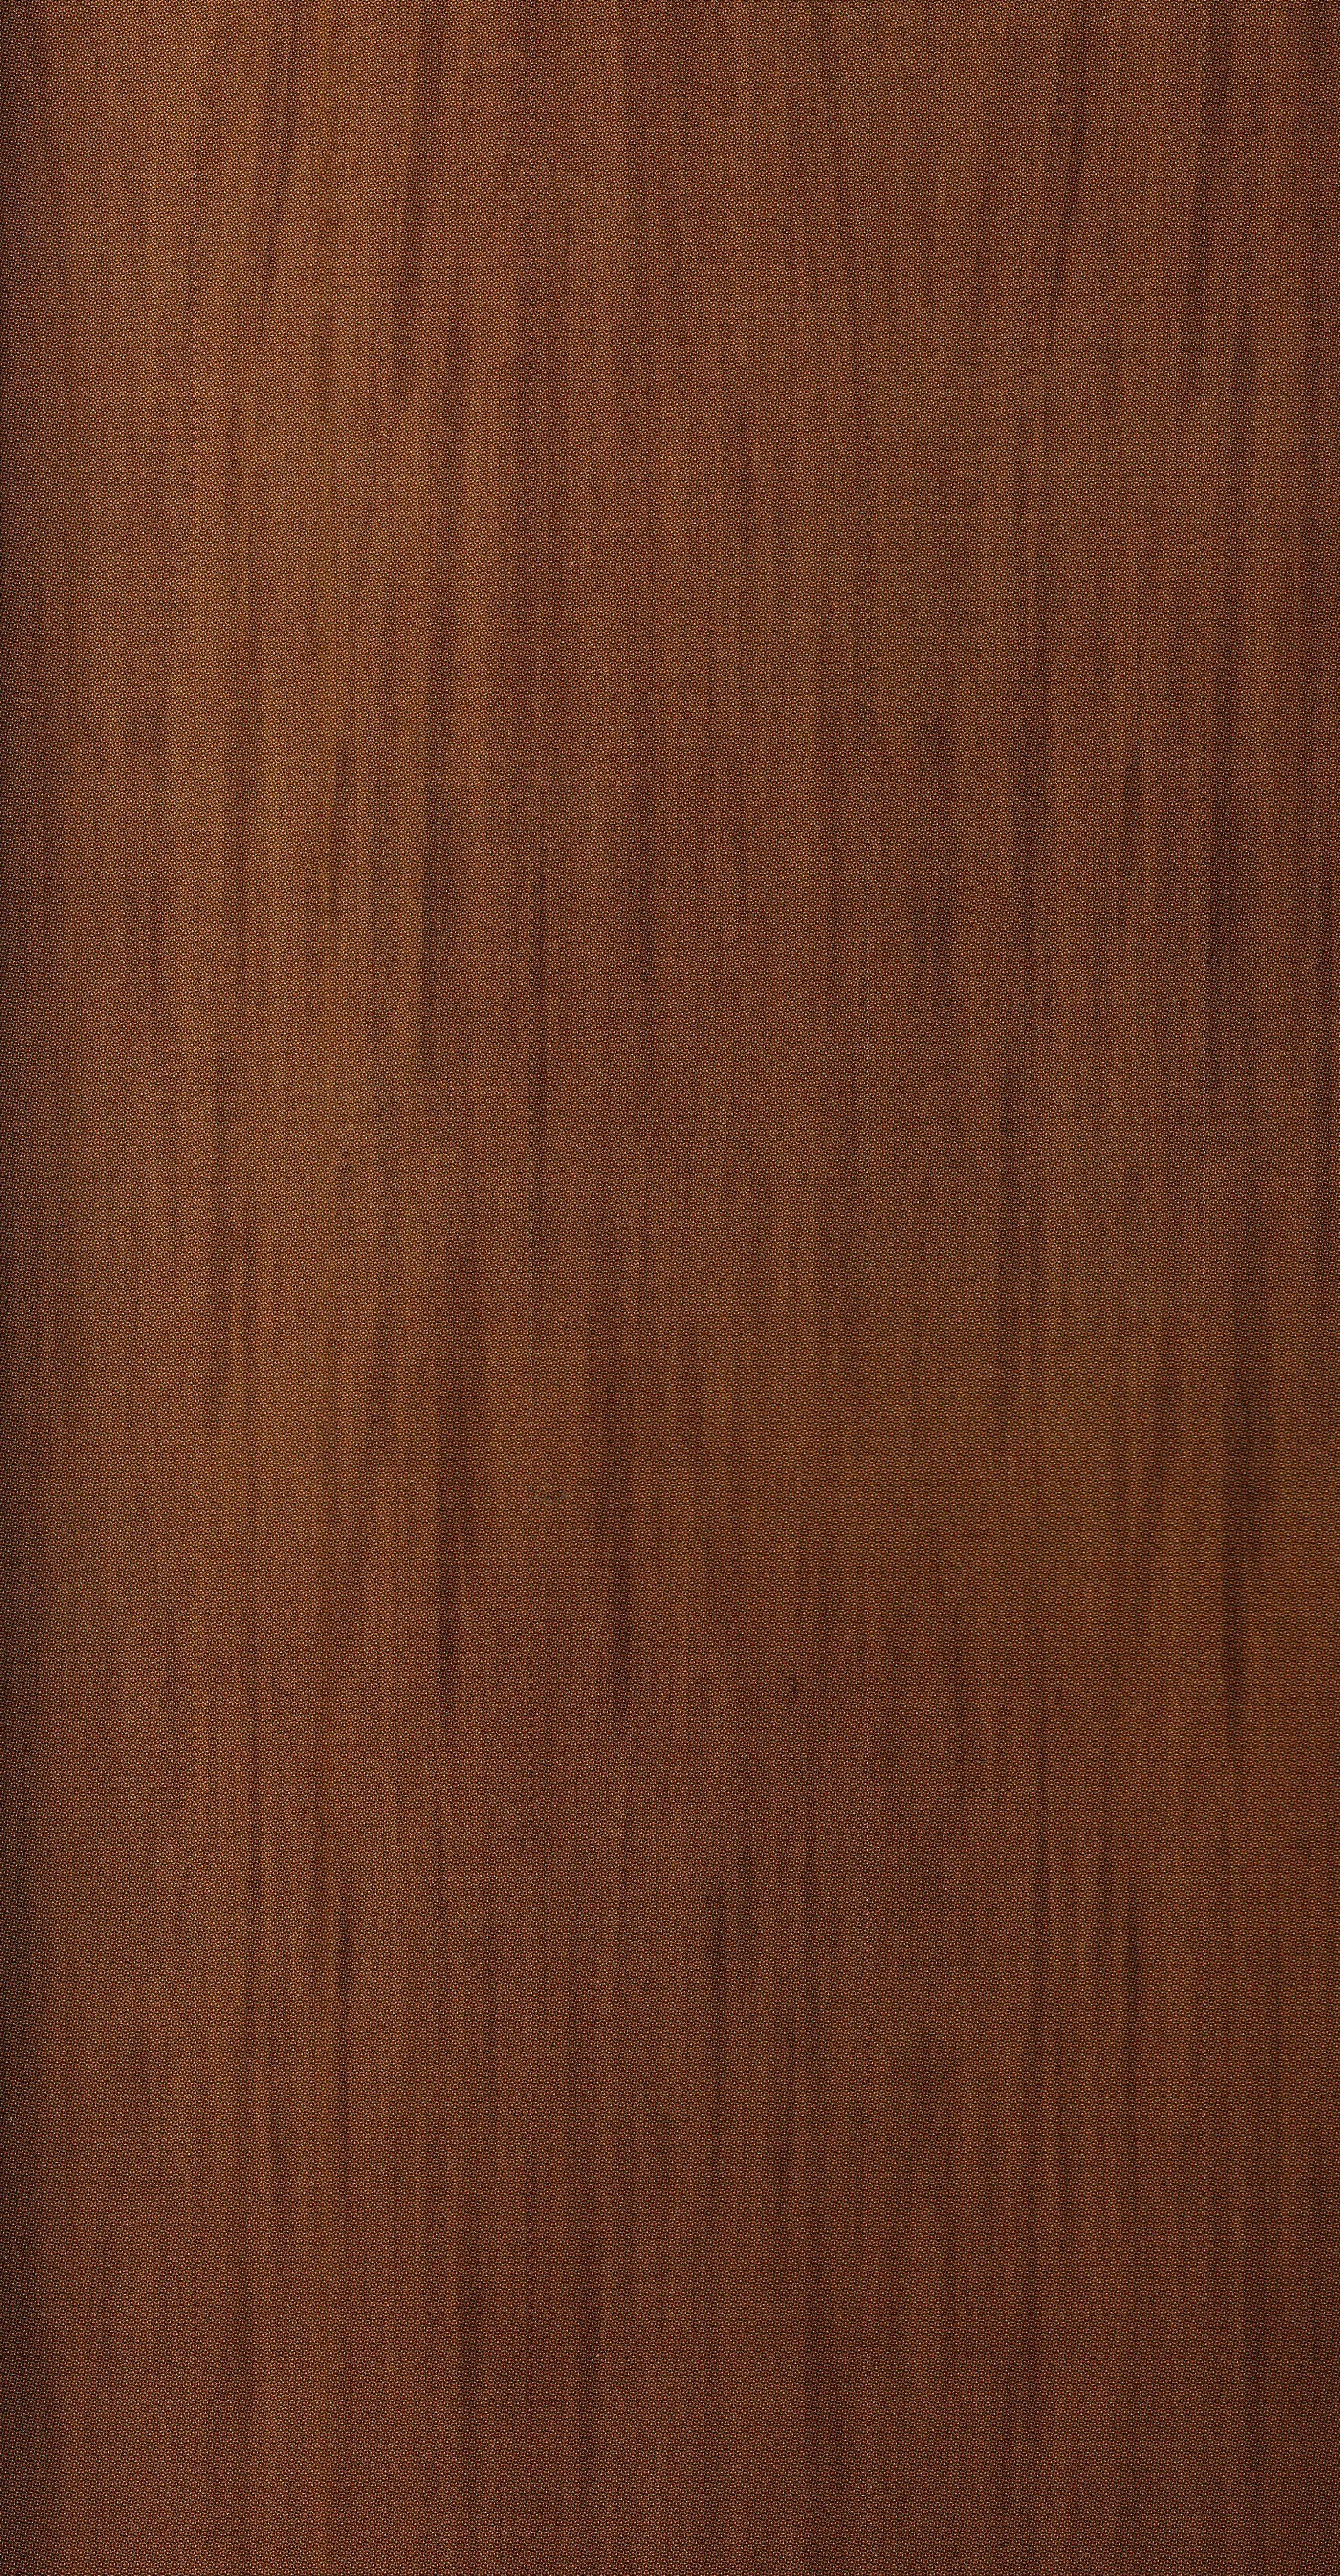 Porte per interni vero legno al minimo costo 3 finiture a scelta ebay - Porte noce chiaro ...